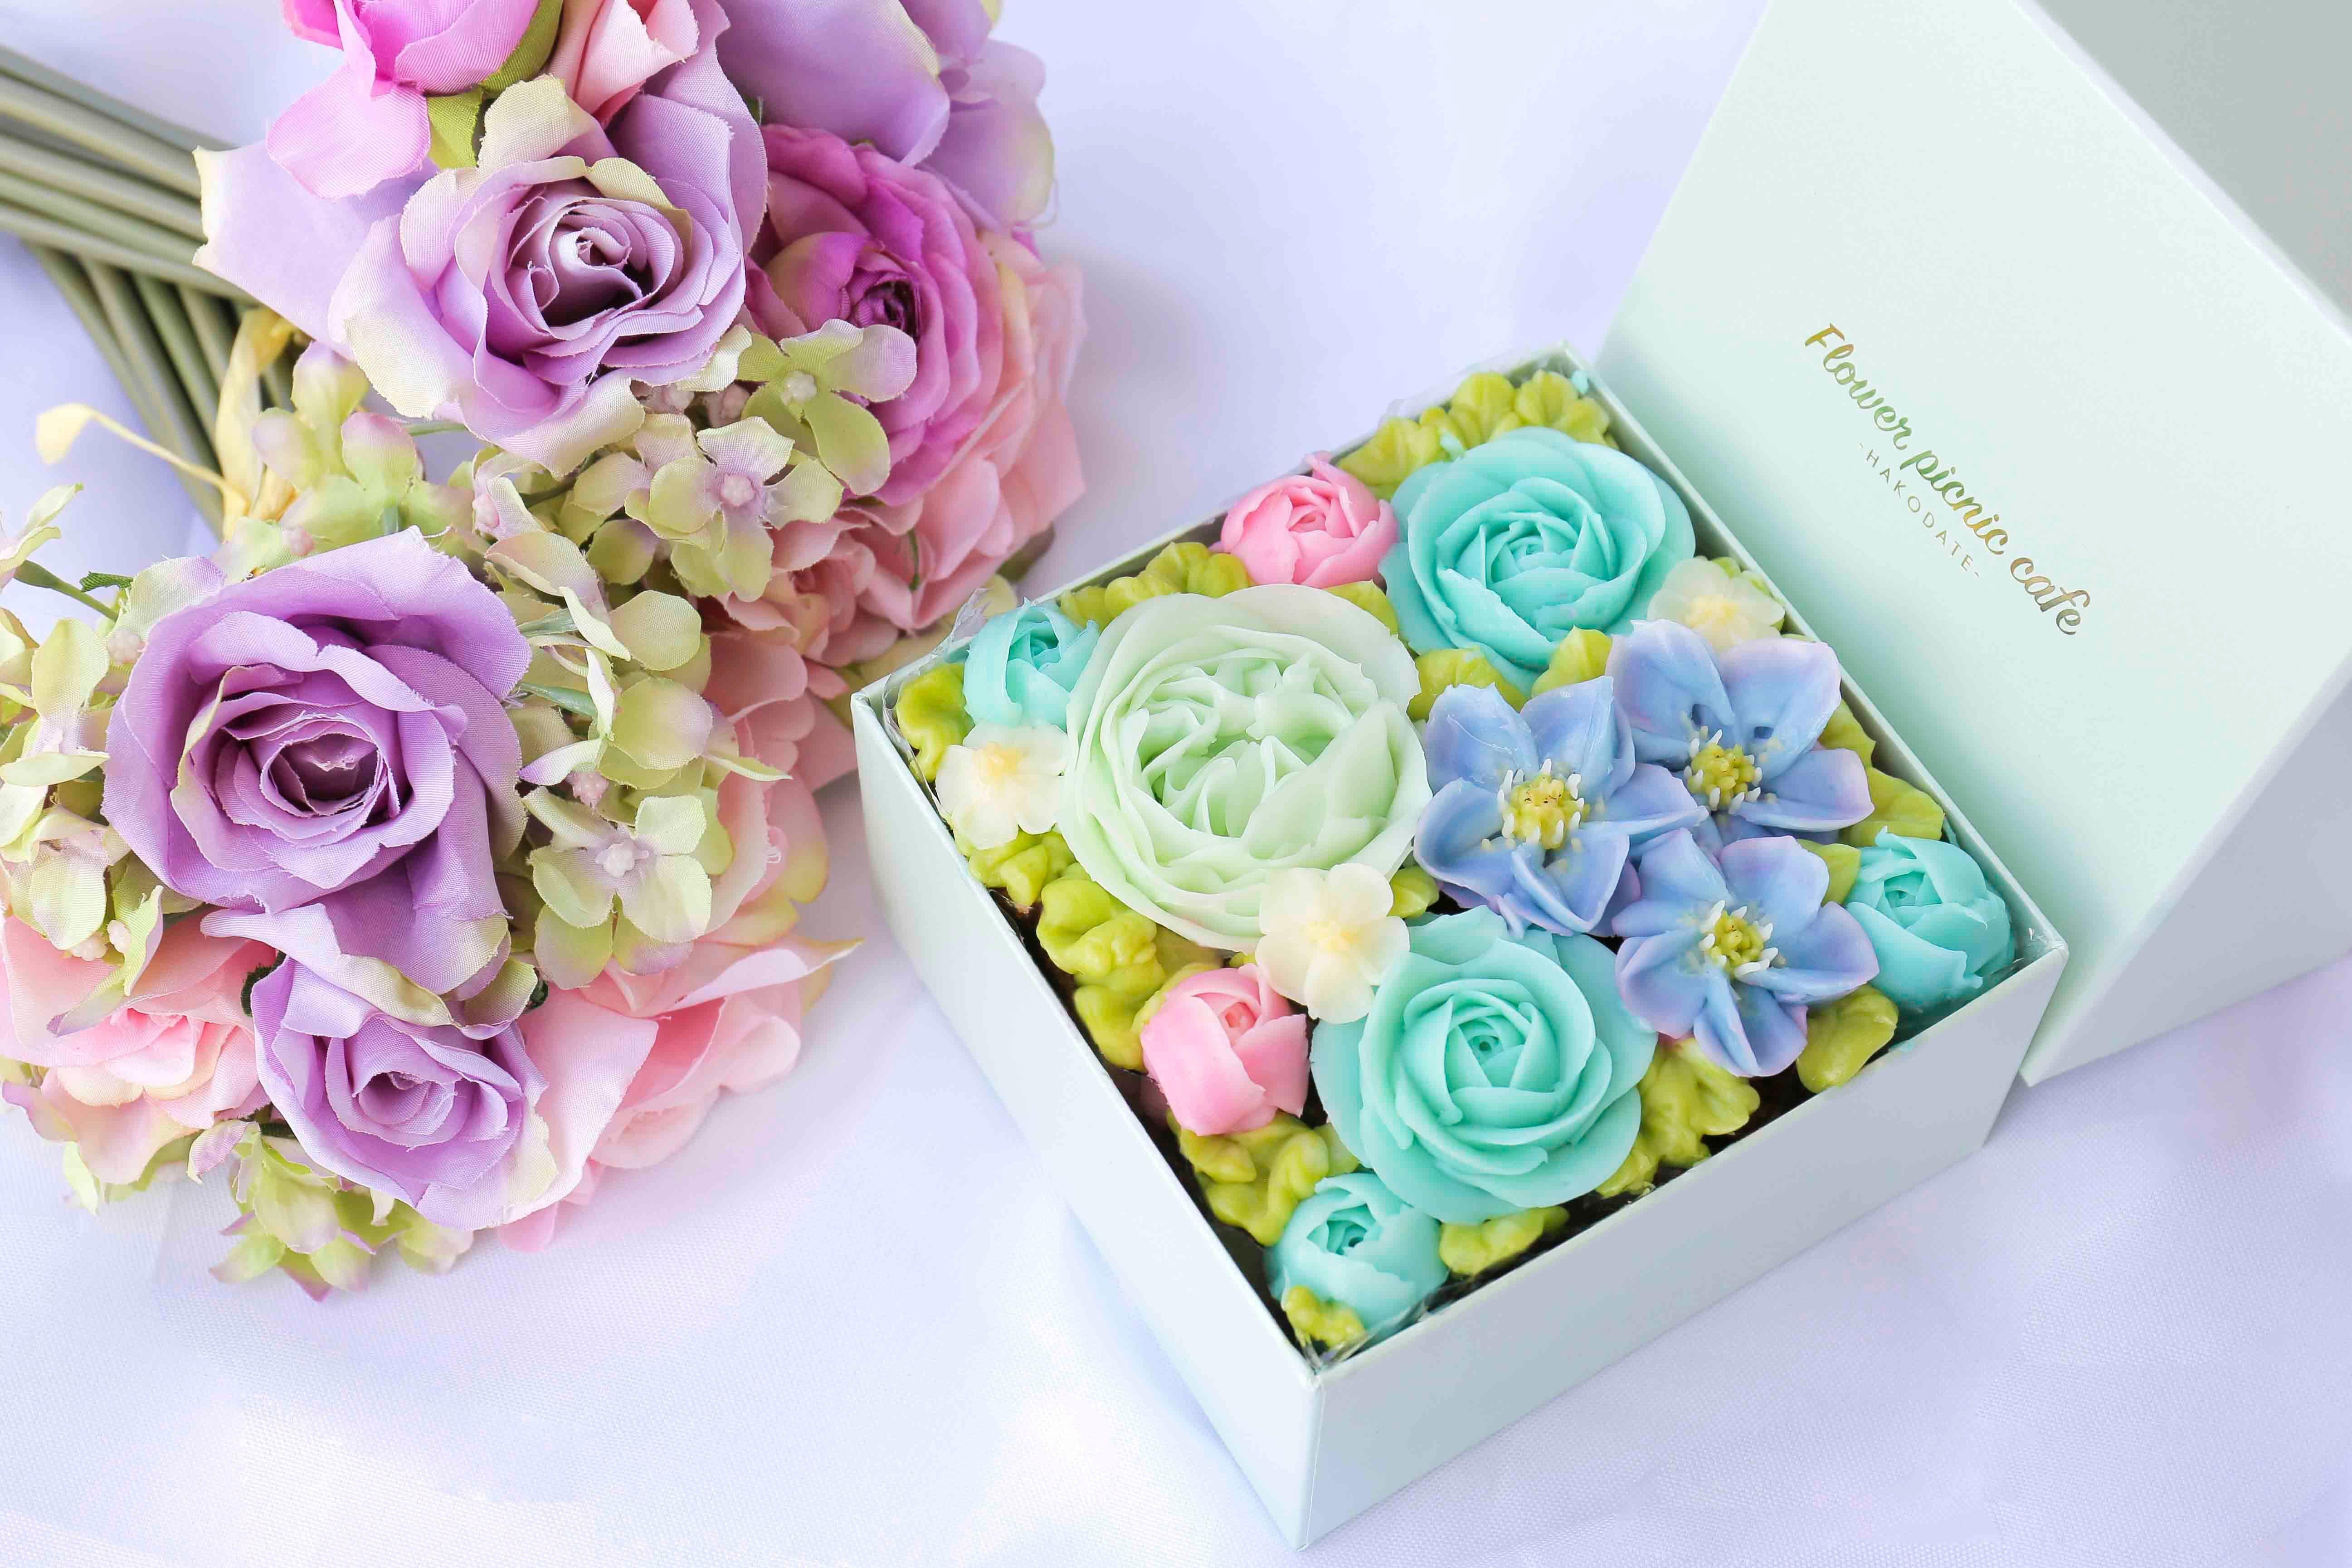 Pemiumボックスフラワーケーキ